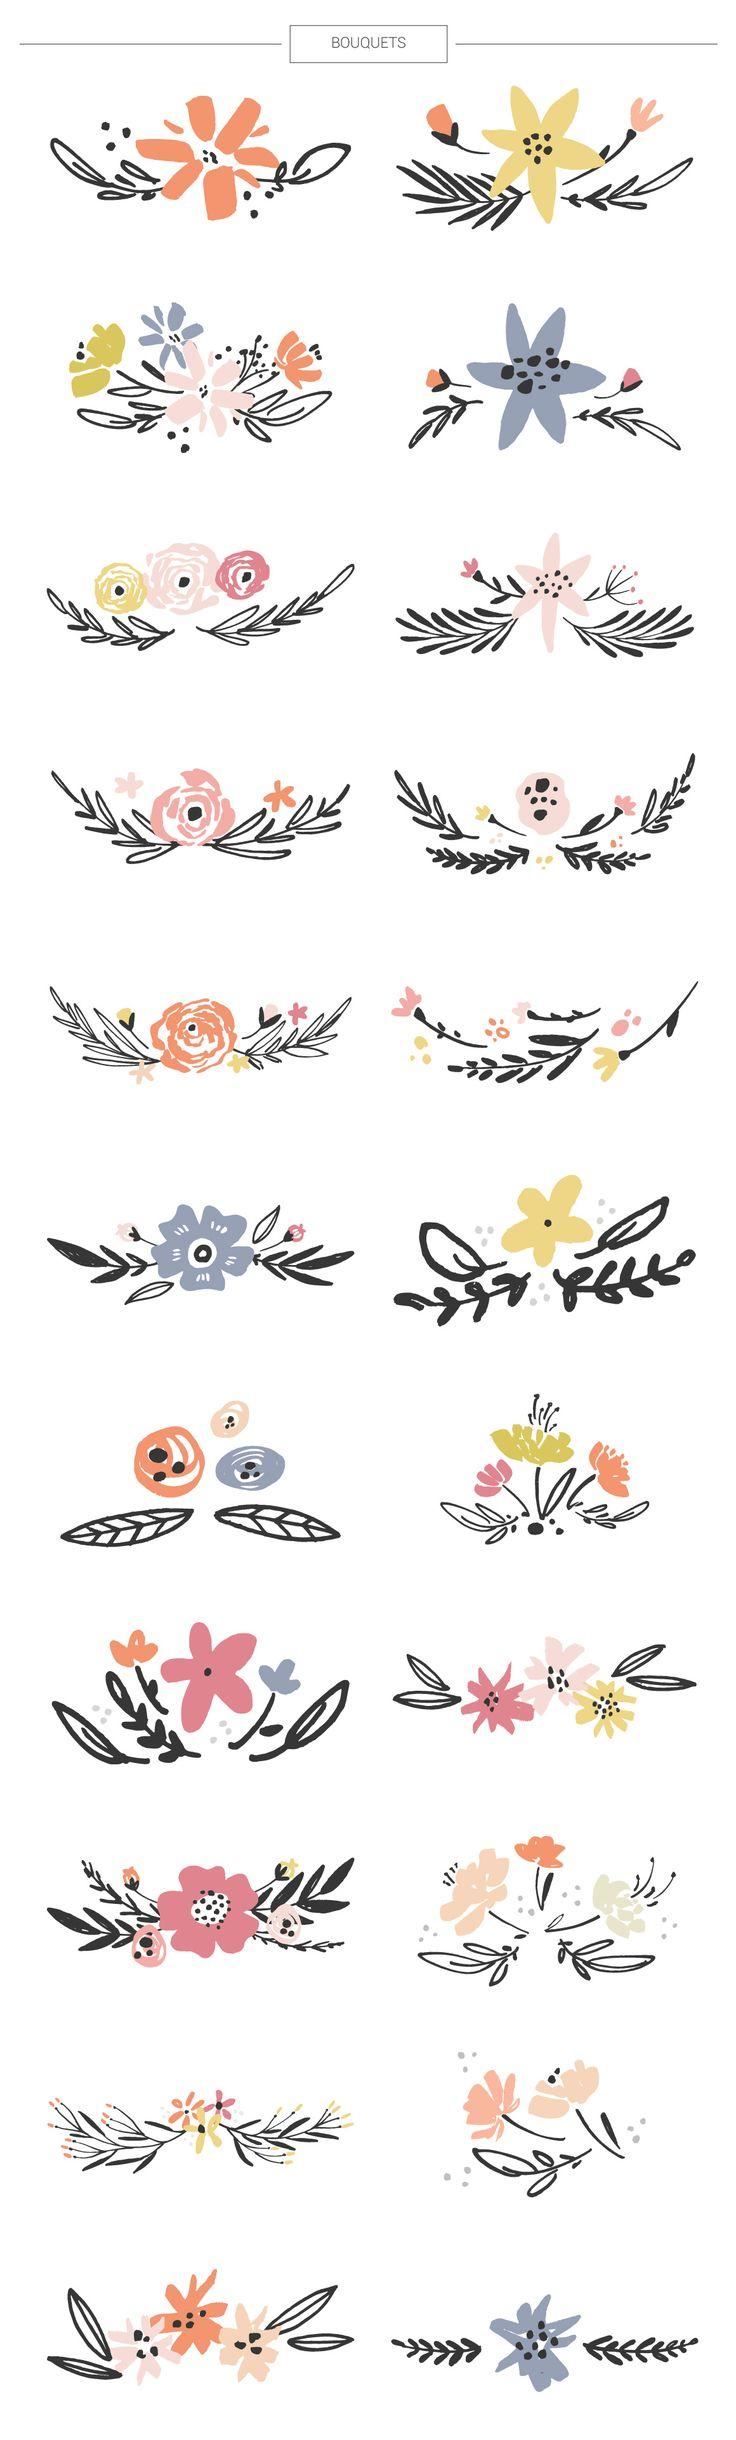 Floral mega-bundle: 1267 elements - Illustrations - 5